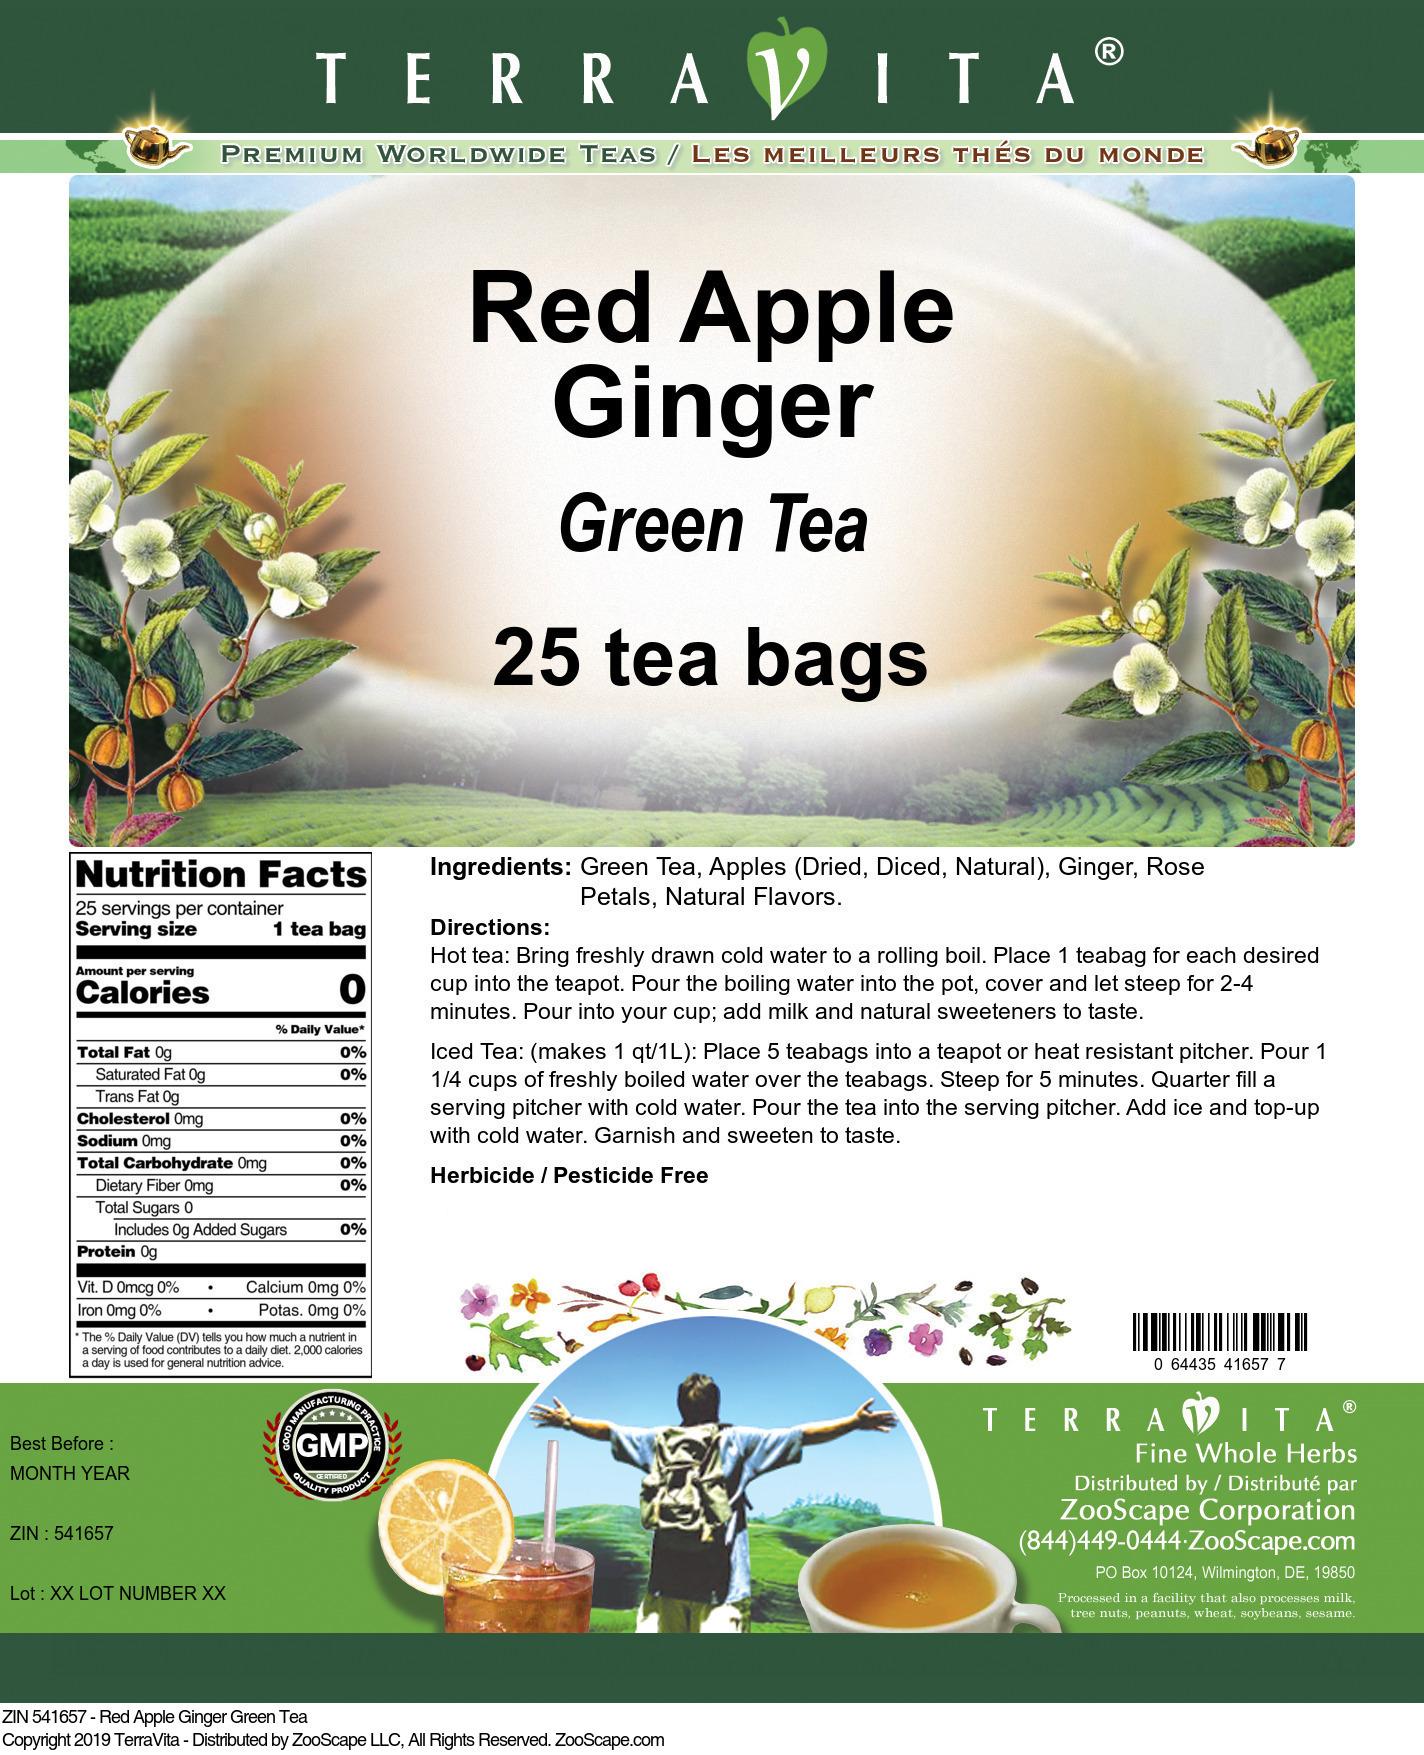 Red Apple Ginger Green Tea